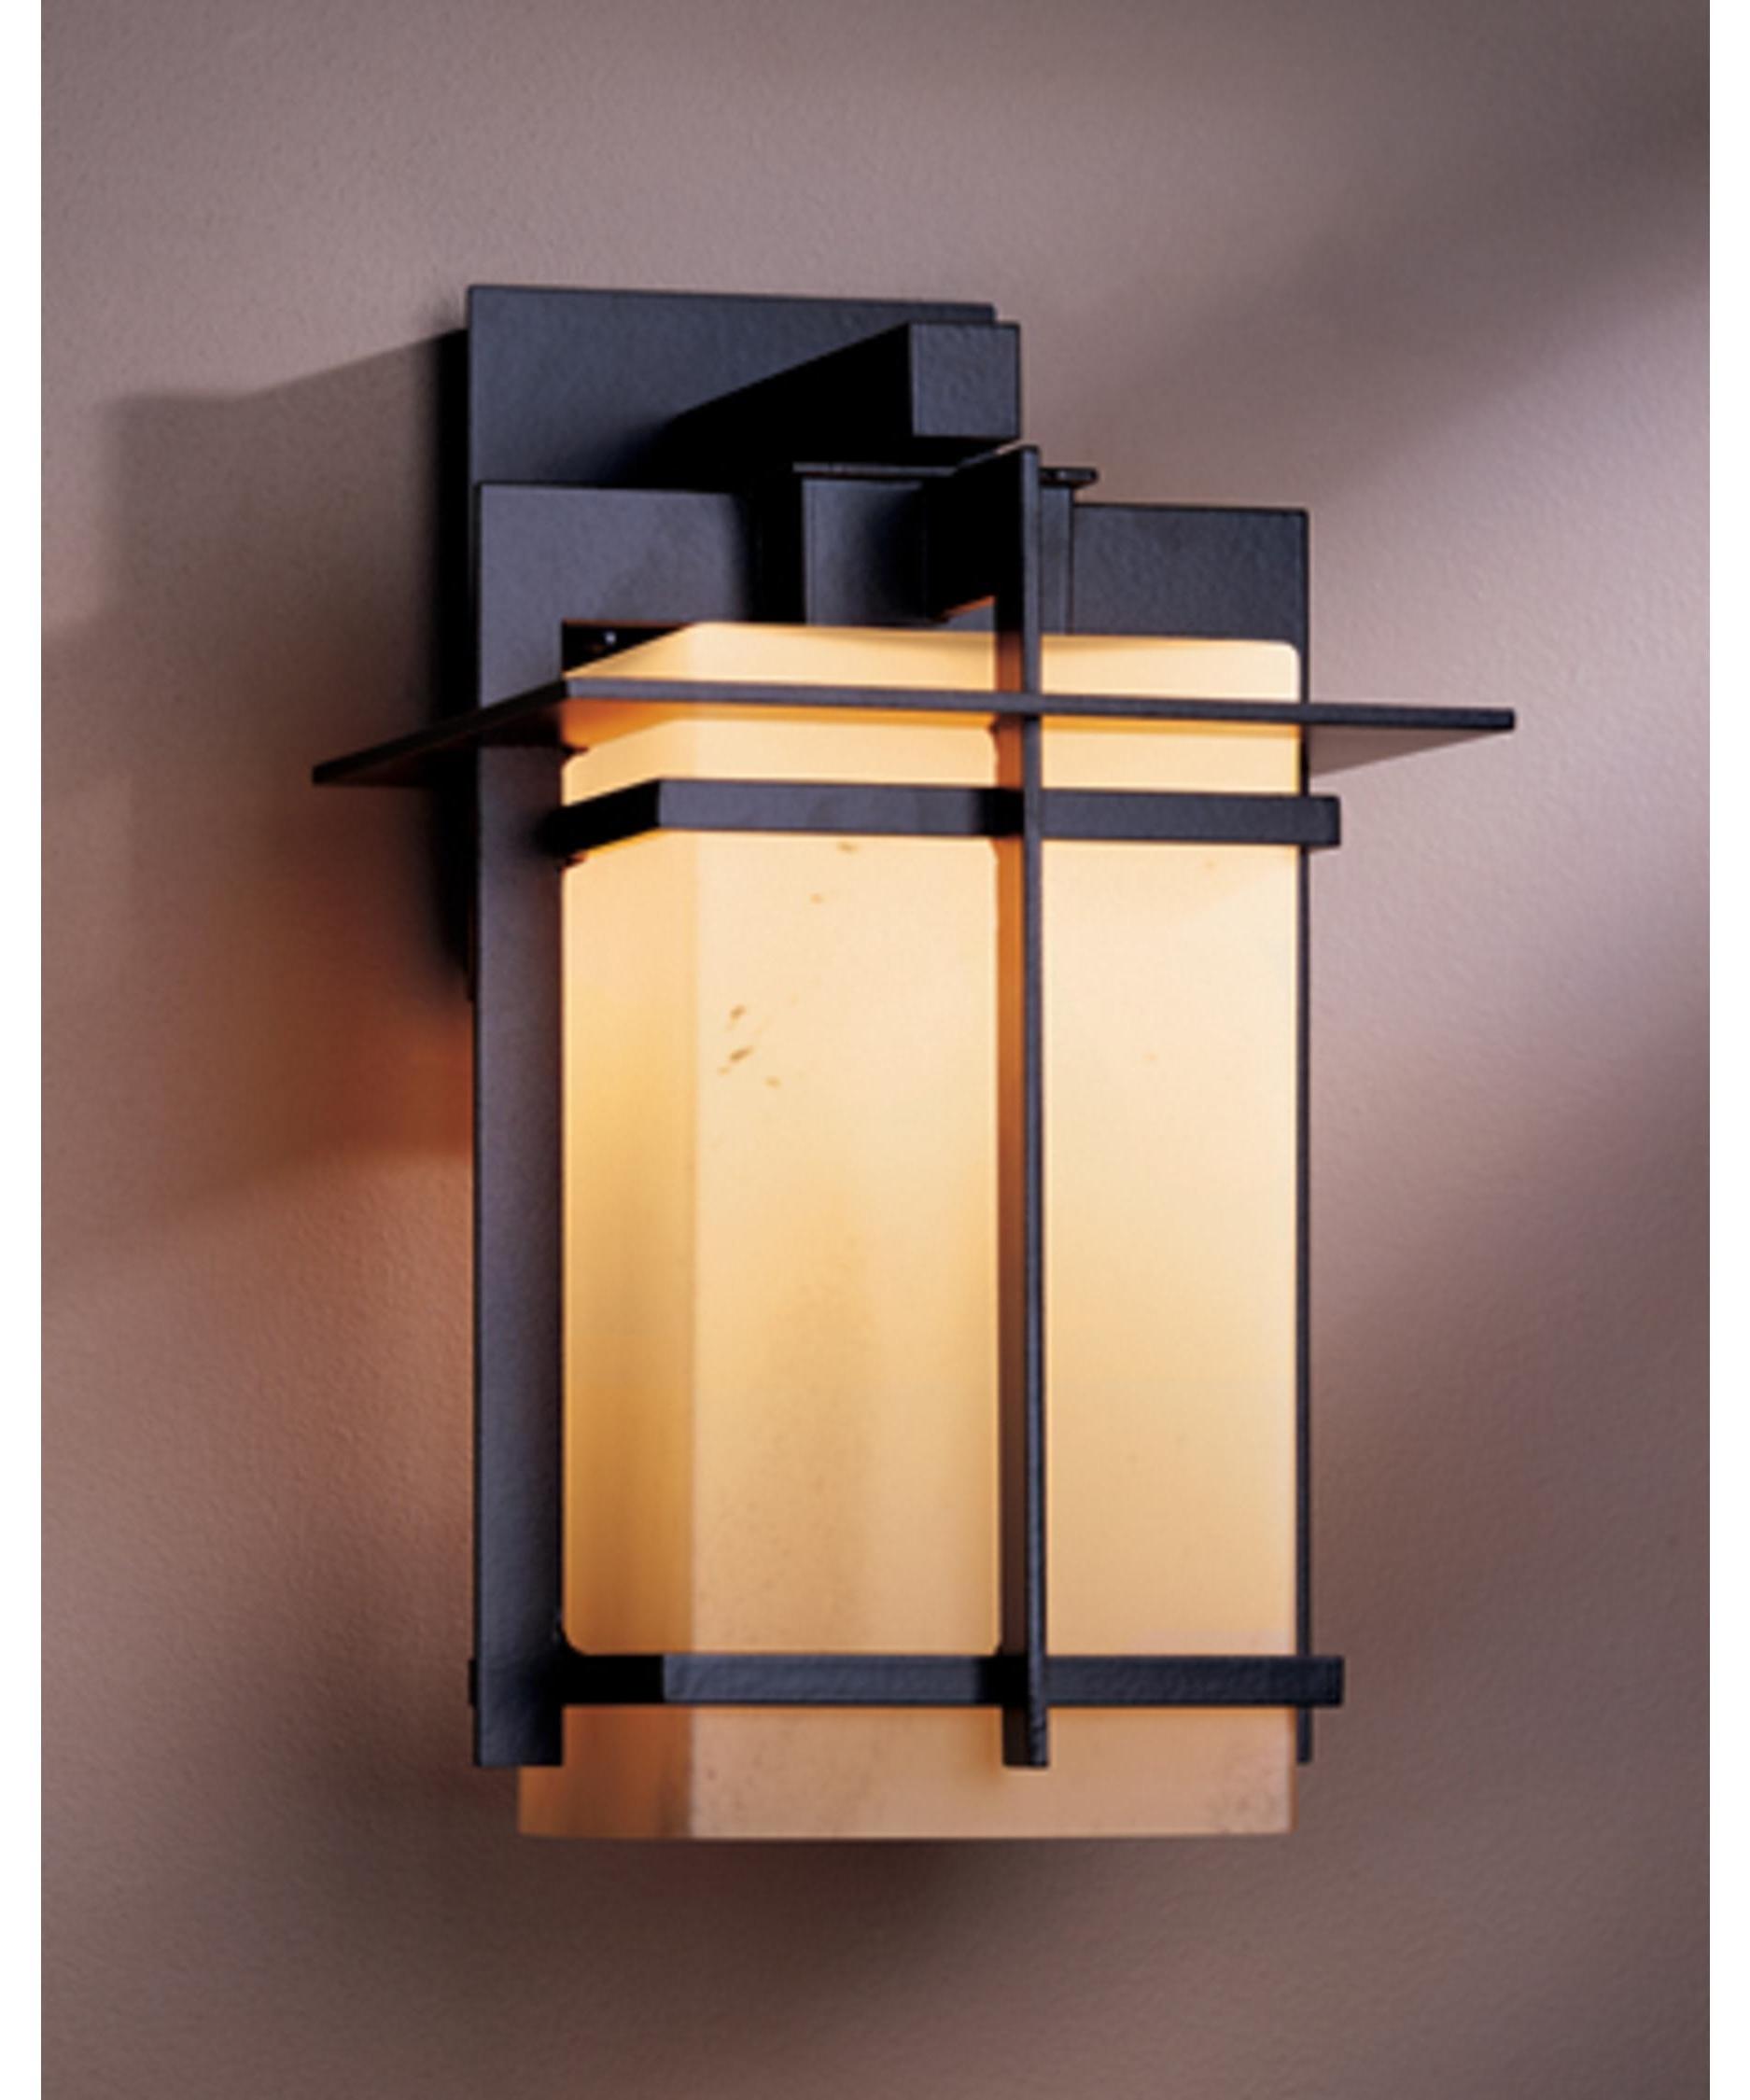 Modern Patio Outdoor Light Fixtures Regarding Most Up To Date Lighting: Outdoor Light Fixtures Black Outdoor Light Fixture Porch (View 10 of 20)